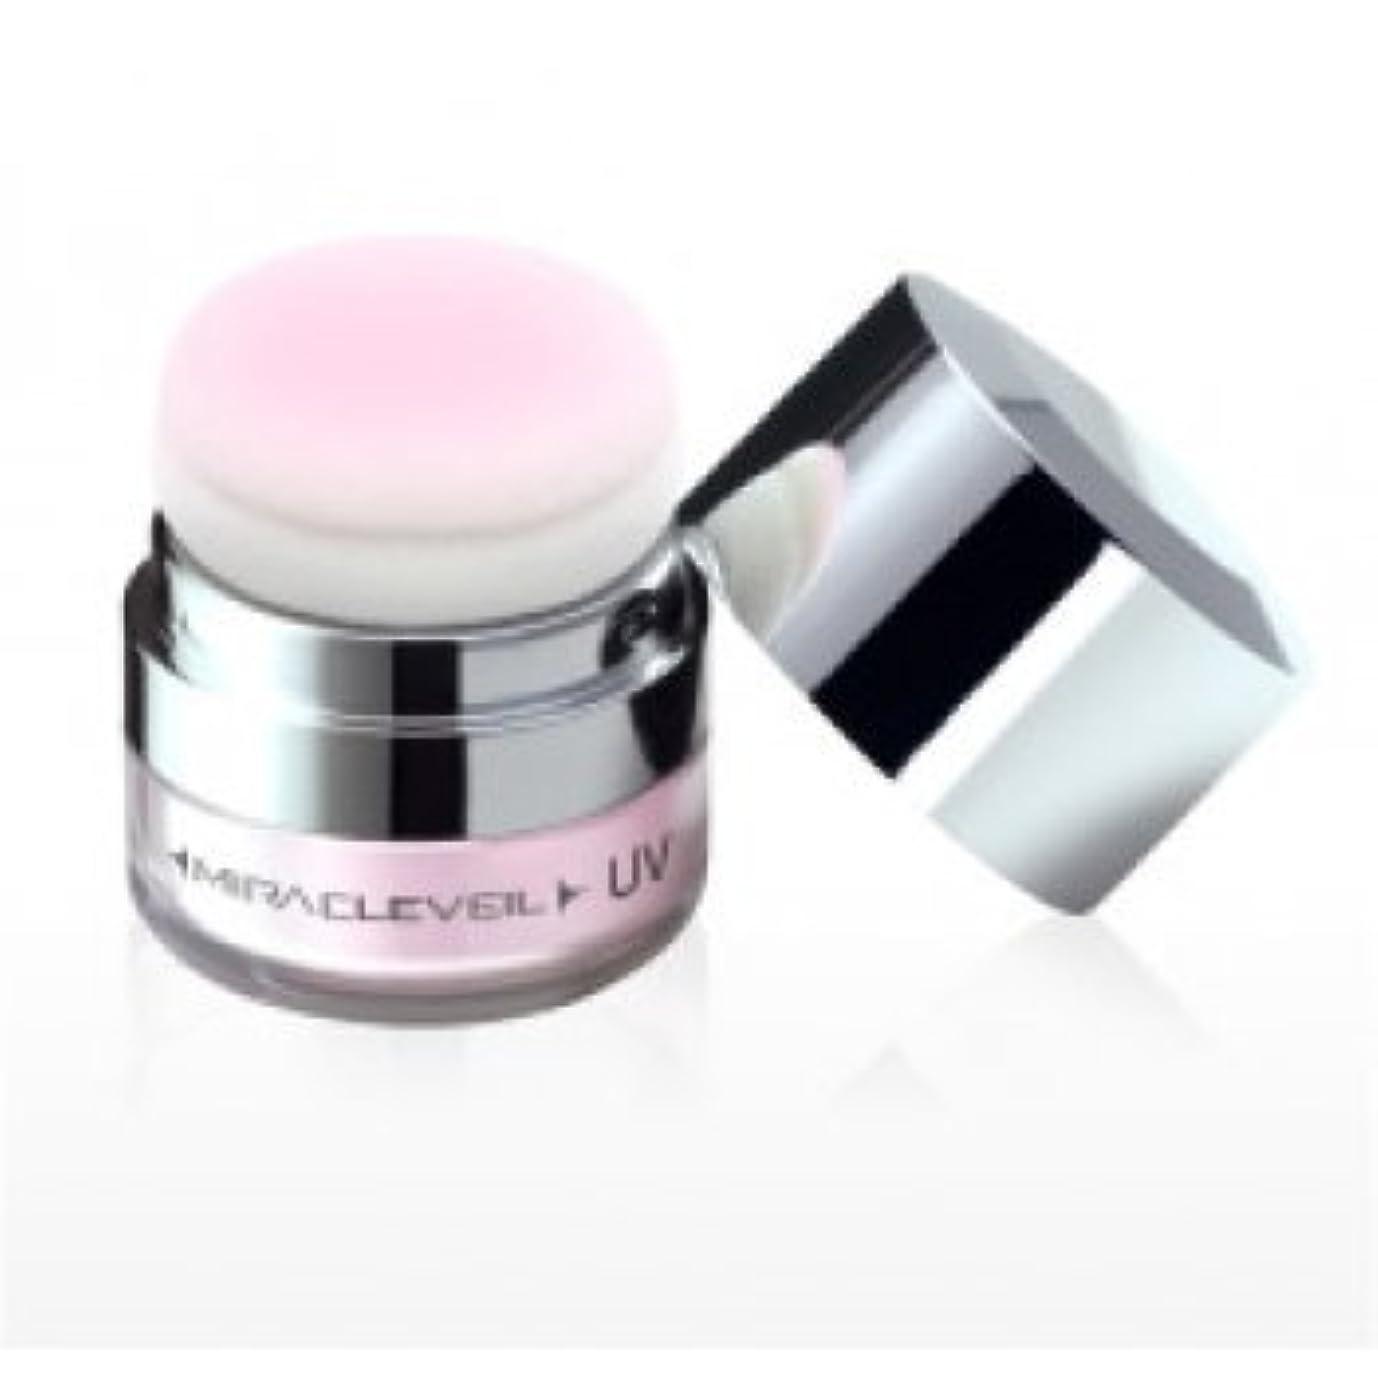 窒息させるアジャイースターミラクルヴェール UV(天然ダイヤモンド配合 日焼け止めパウダータイプ)SPF18 PA++